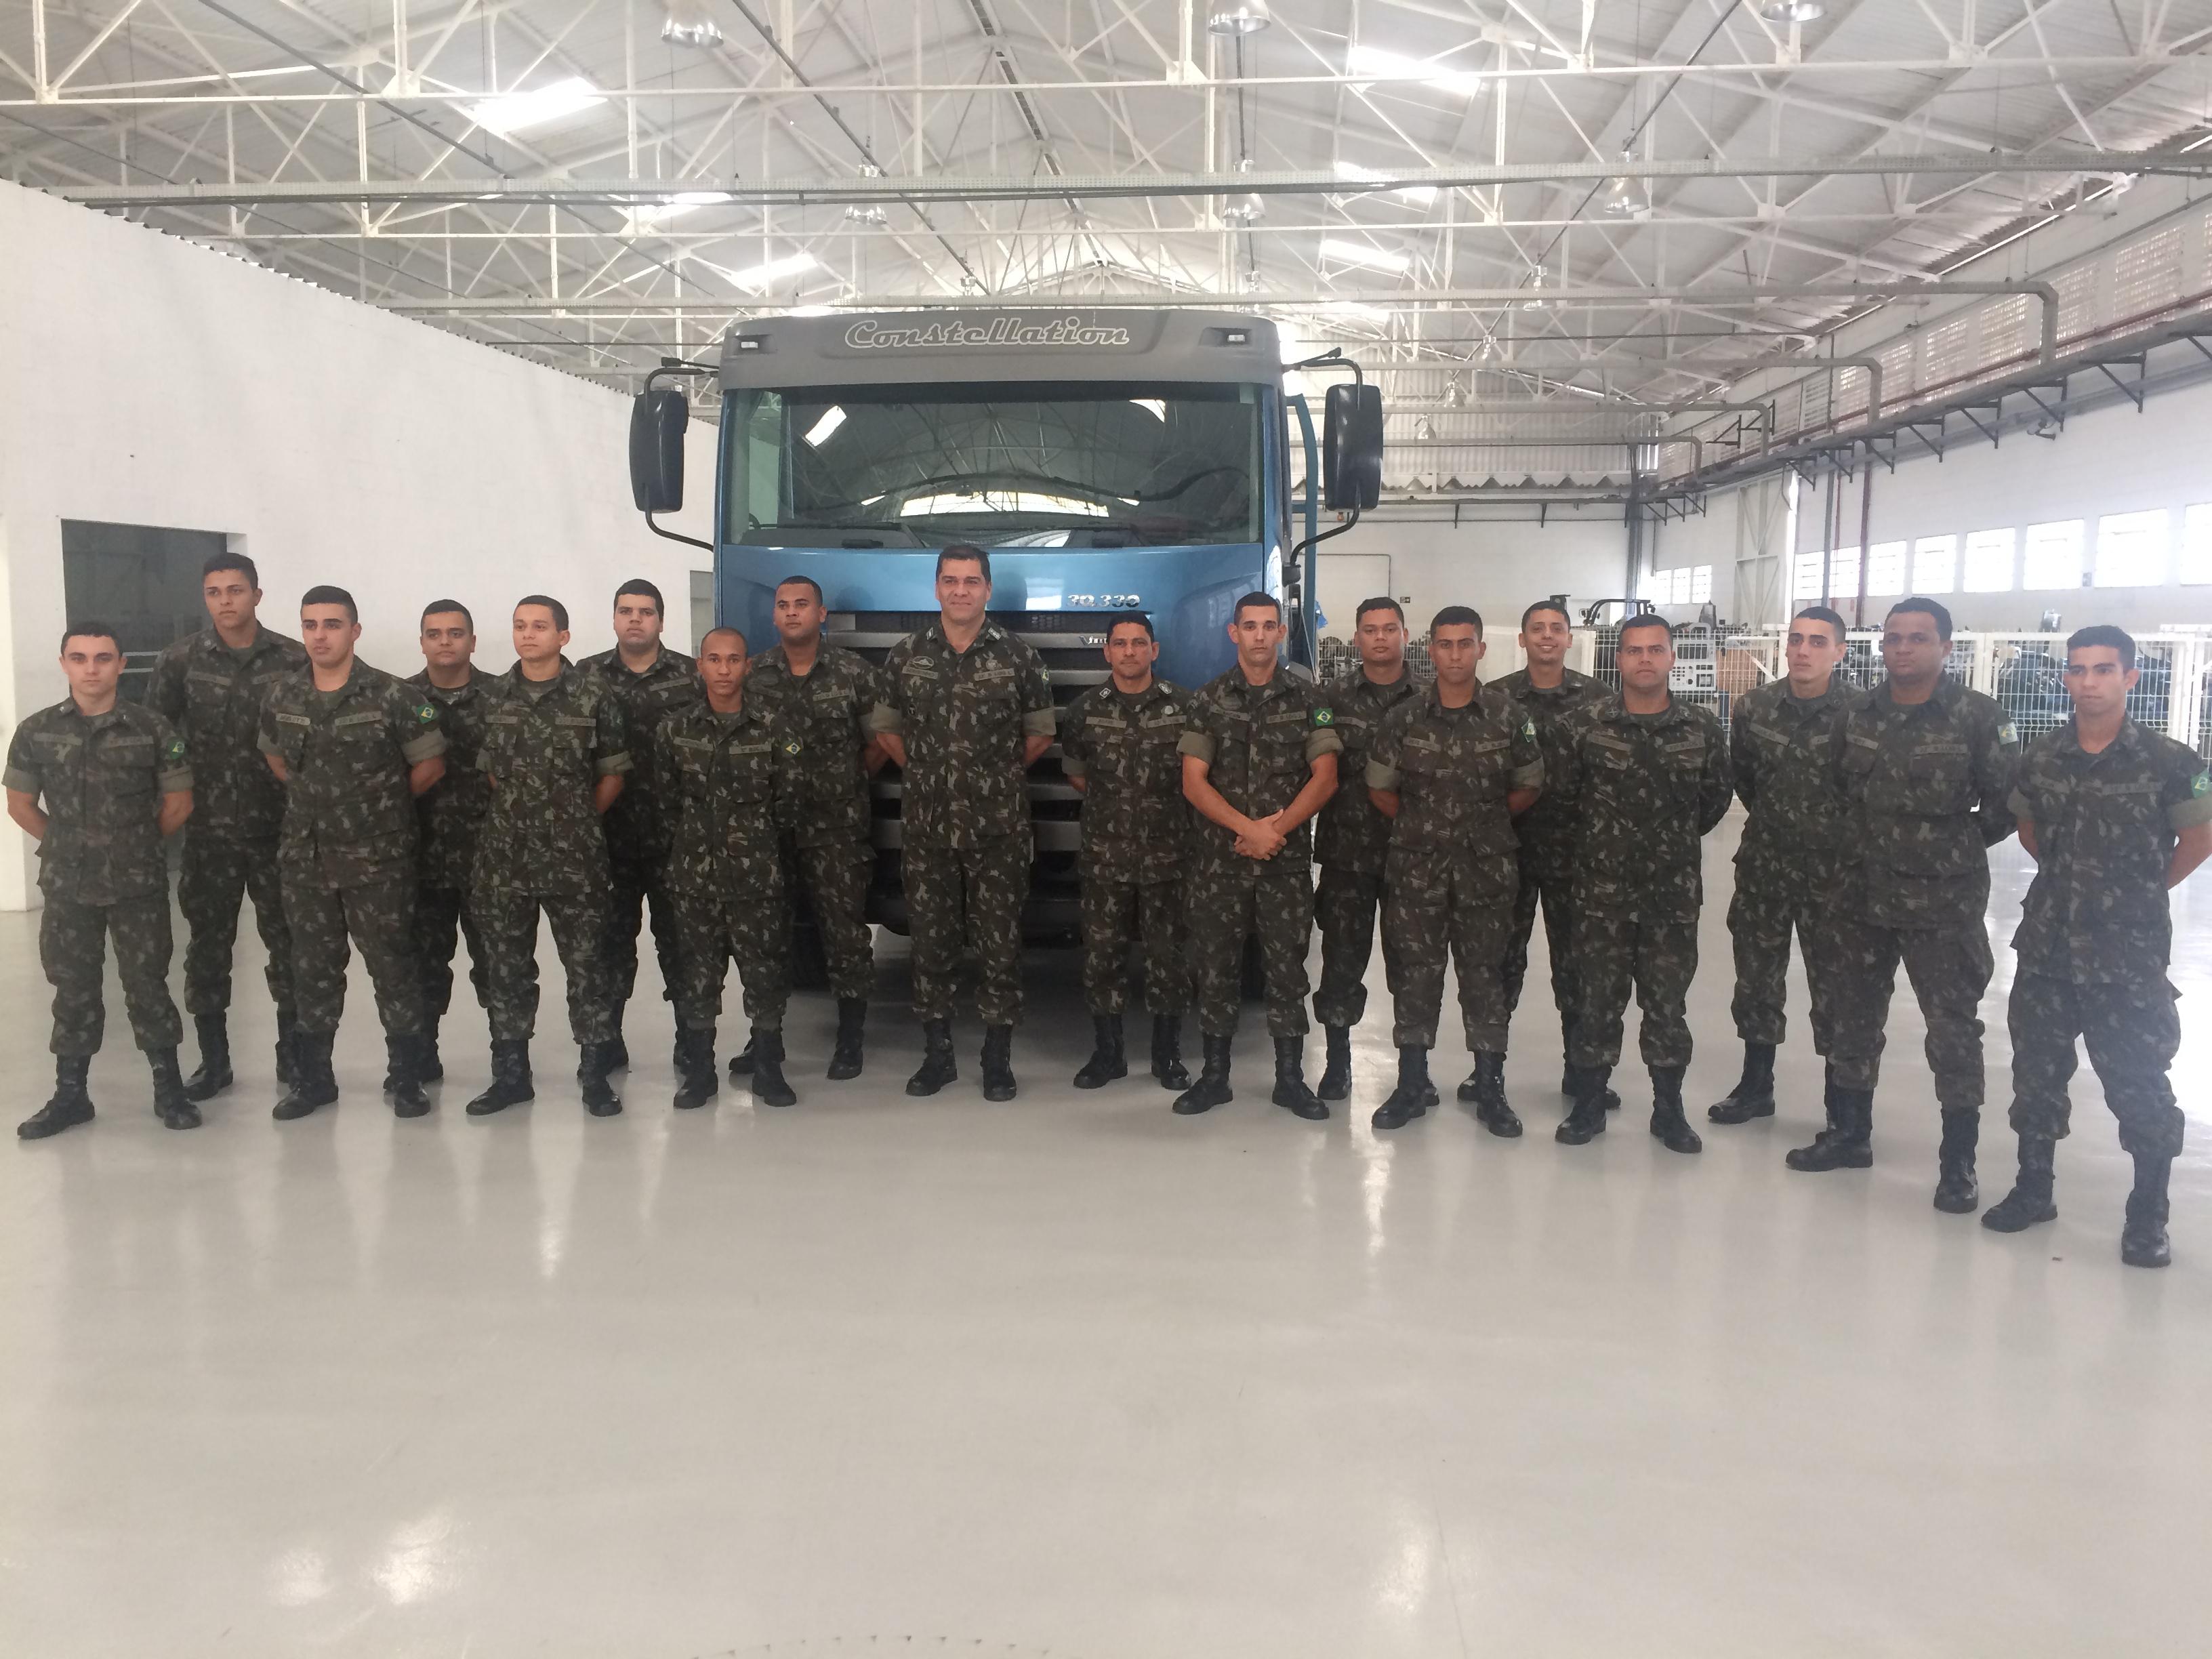 MAN Latin America capacita soldados para o mercado de trabalho